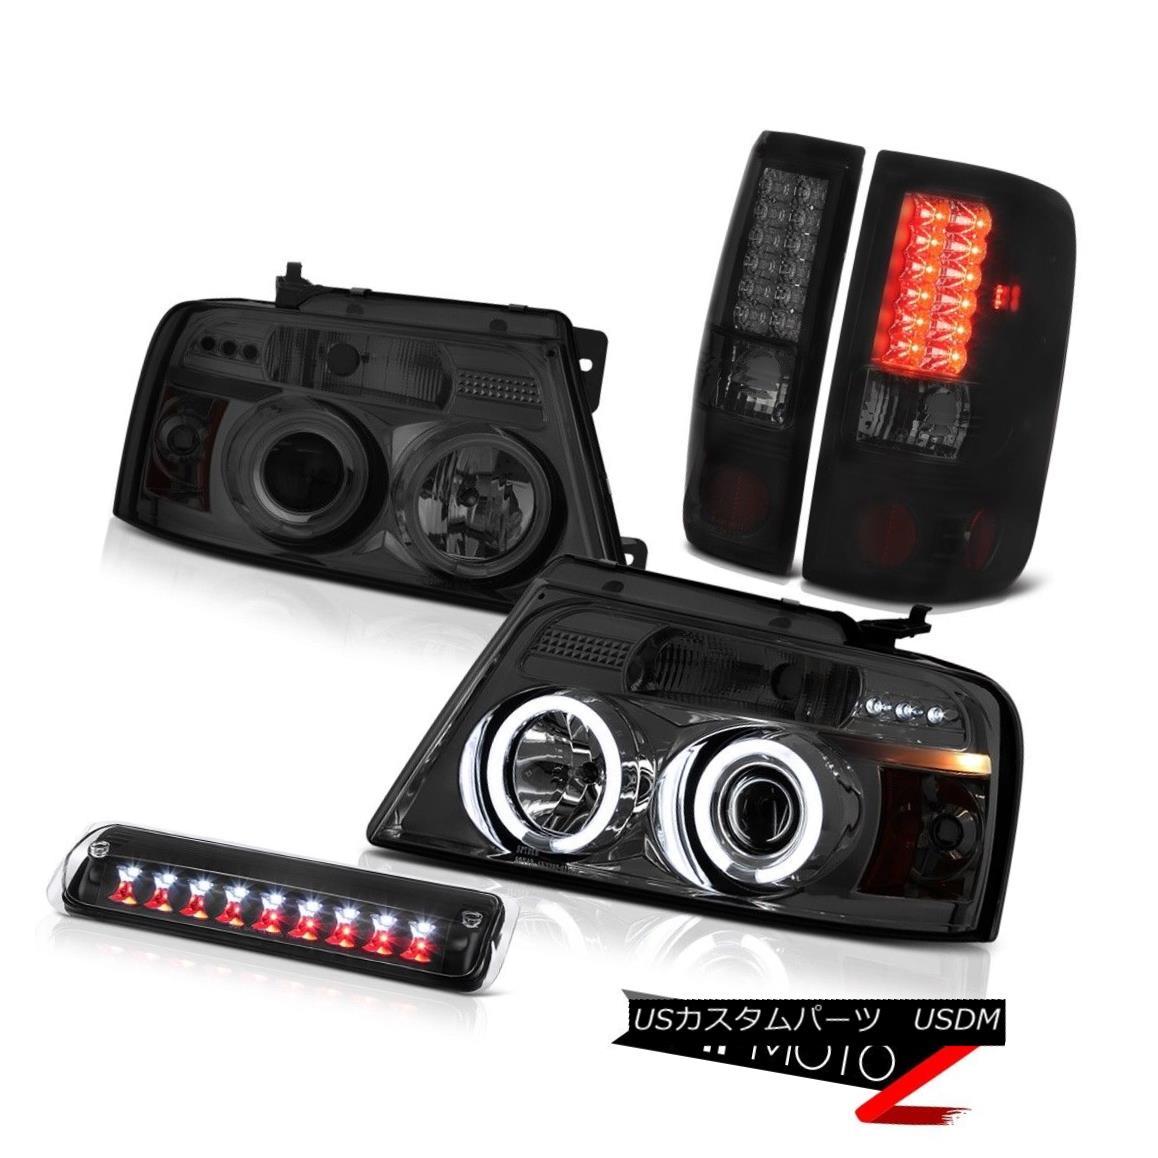 テールライト 2004-2008 Ford F150 XL Black High Stop Lamp Projector Headlights Taillights LED 2004-2008 Ford F150 XLブラックハイストップランププロジェクターヘッドライトテールランプLED